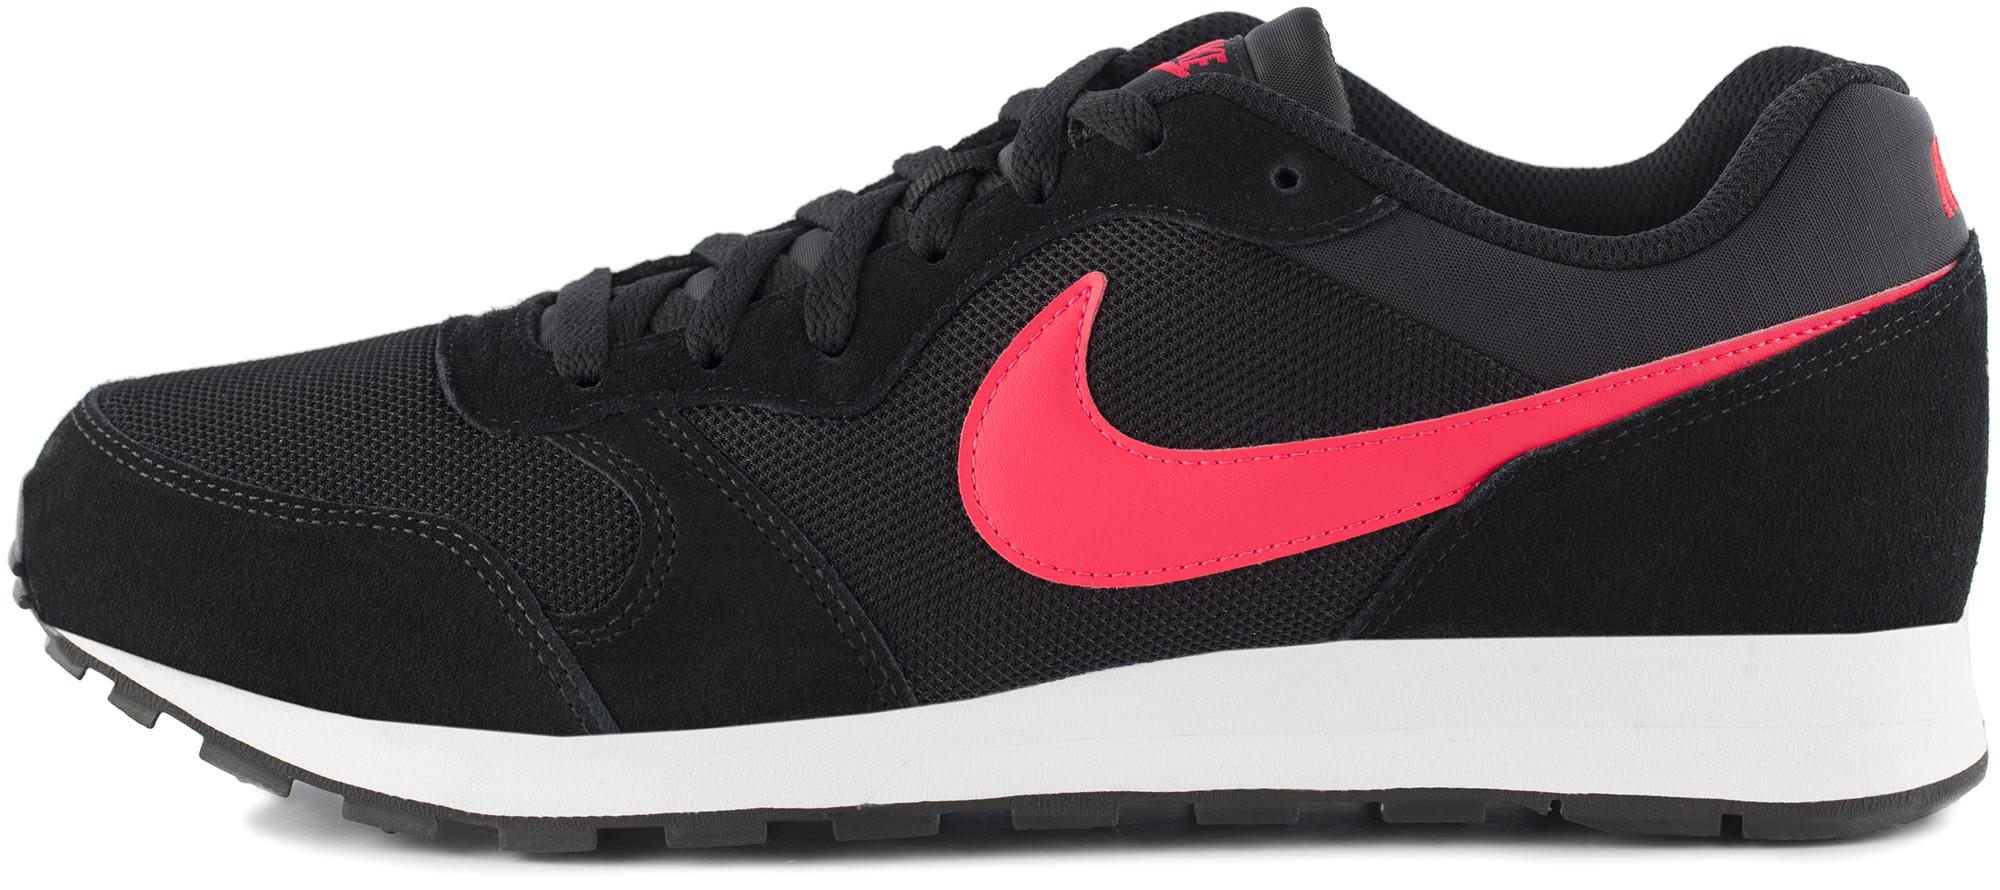 купить Nike Кроссовки мужские Nike MD Runner 2, размер 43 по цене 4999 рублей